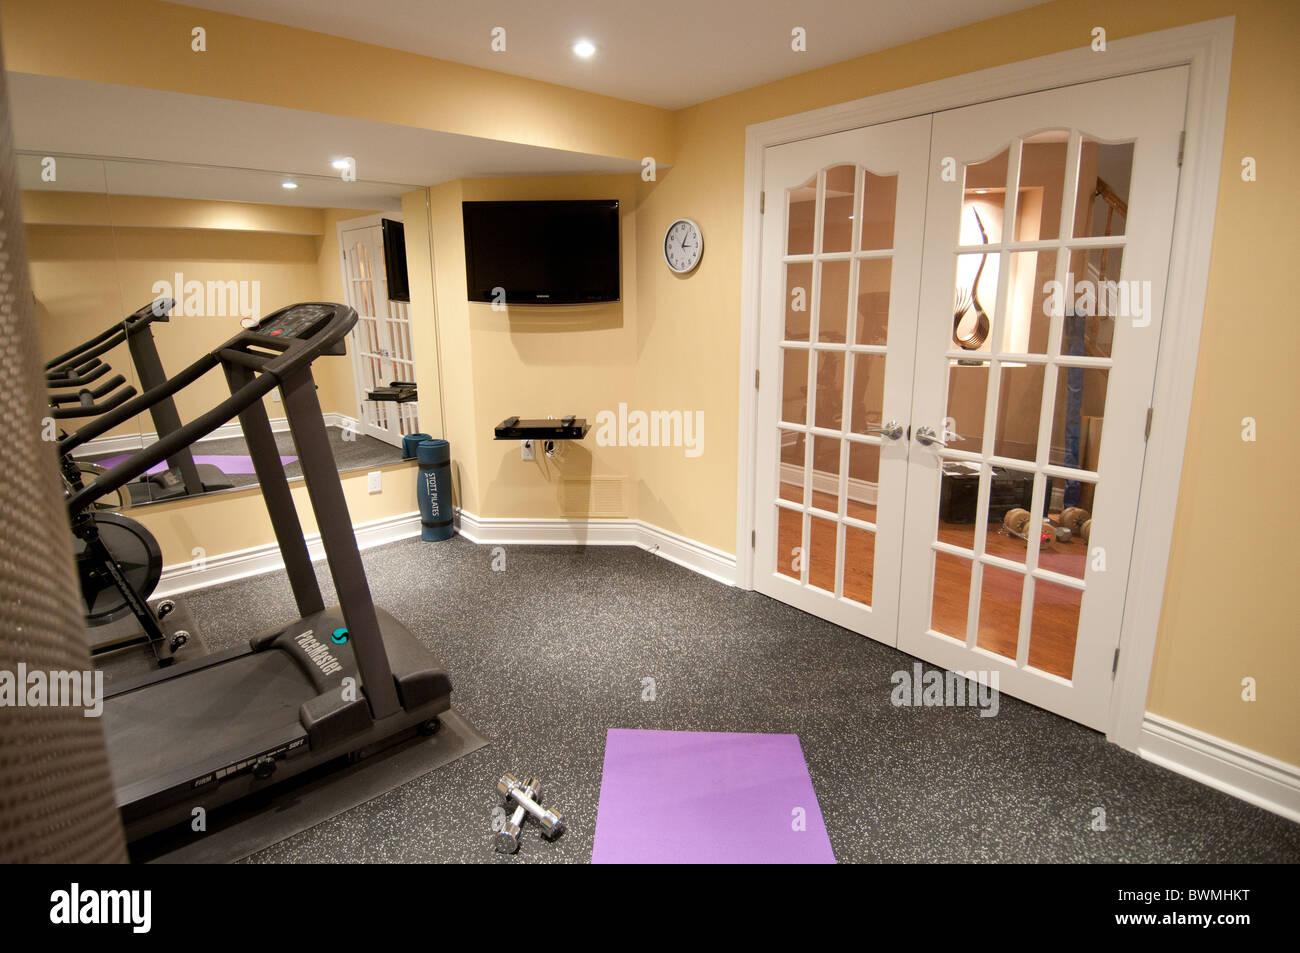 Fitnessraum Mit Geraten In Einem Luxus Wohn Keller Ausuben Stockfoto